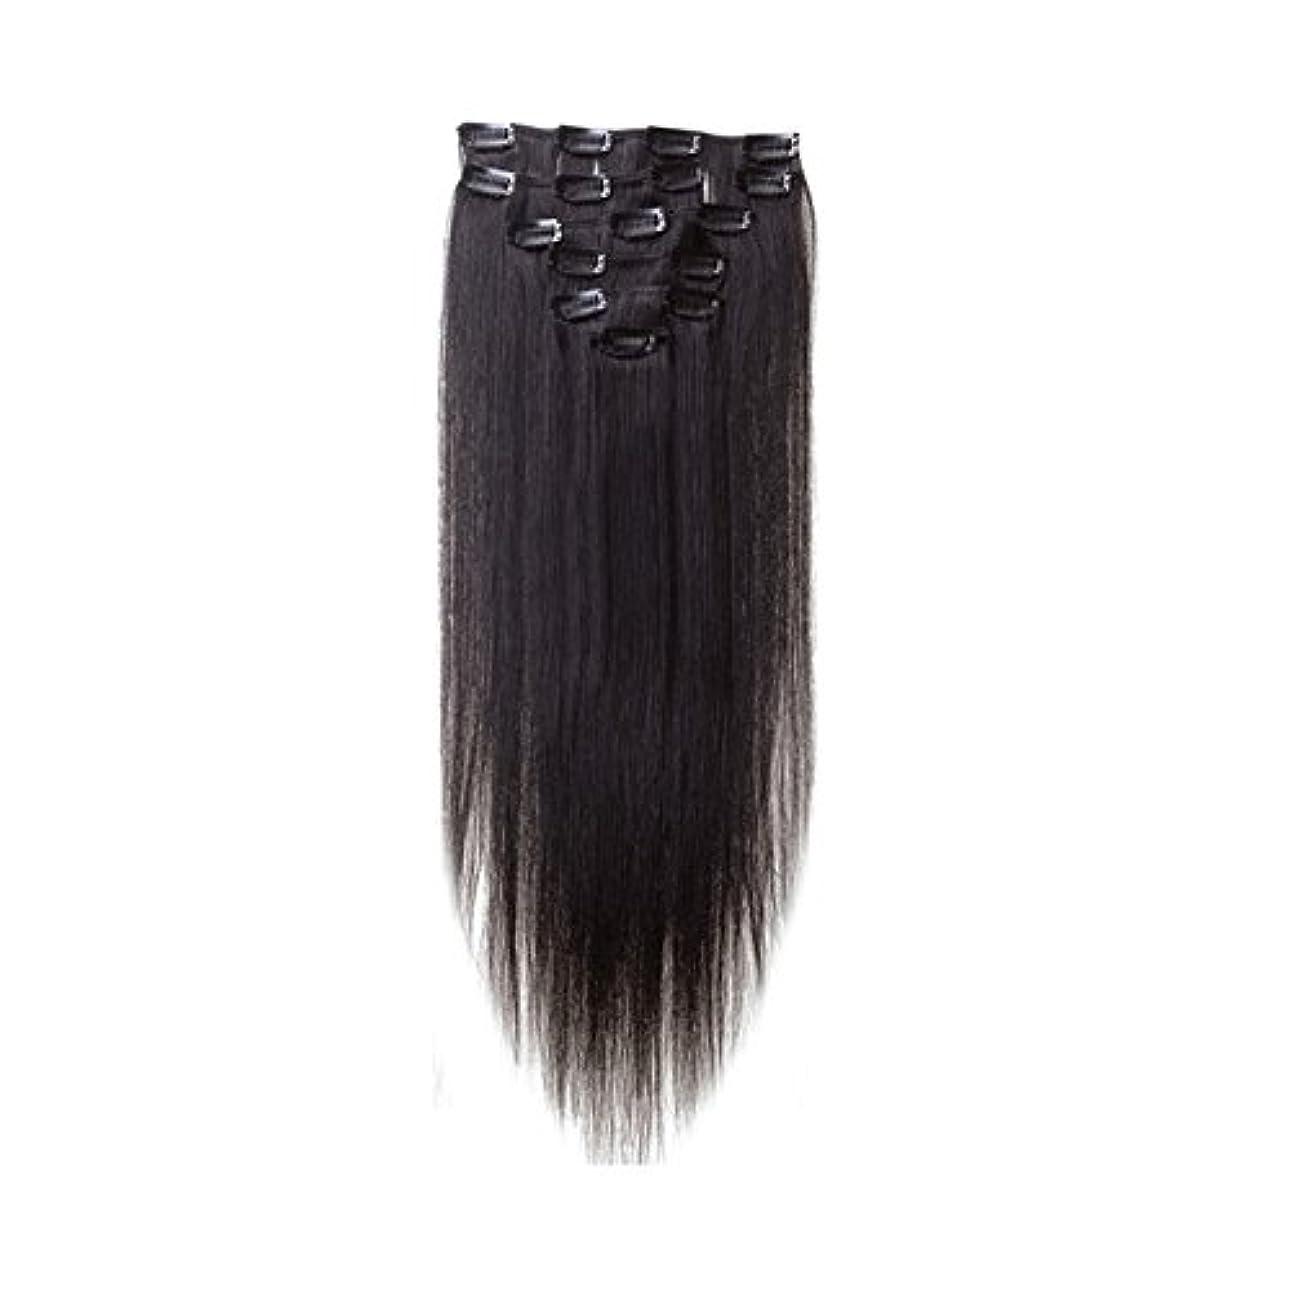 フルーツ元気どこにもヘアエクステンション,SODIAL(R) 女性の人間の髪 クリップインヘアエクステンション 7件 70g 15インチ ナチュラルブラック